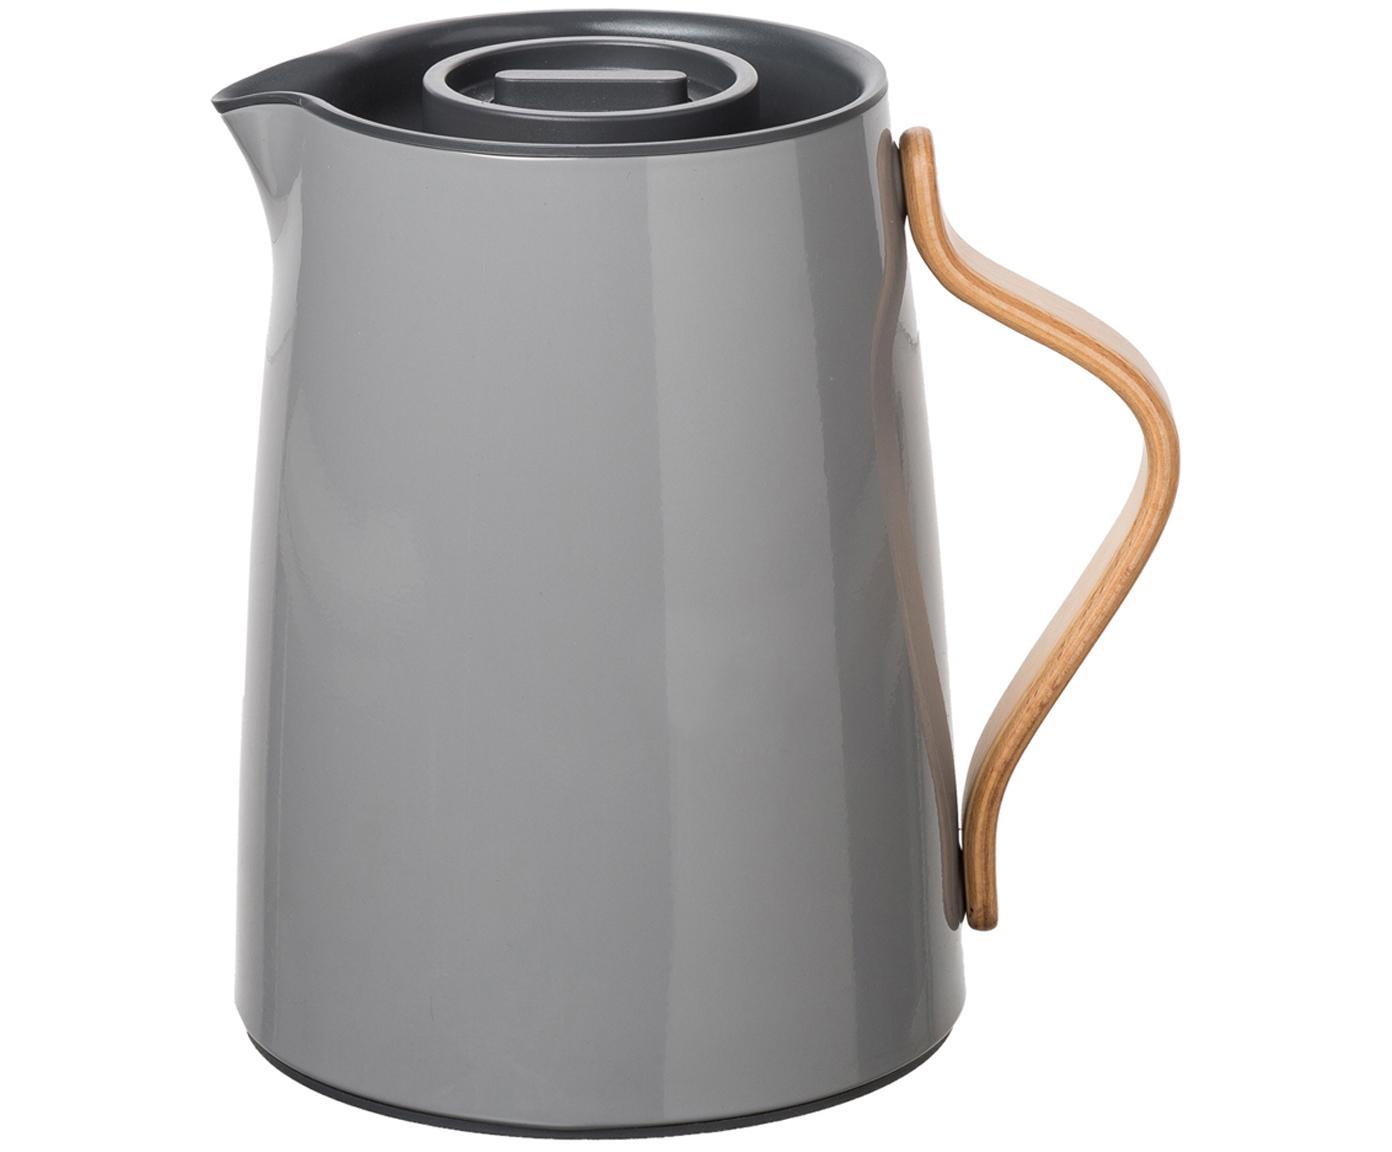 Teiera in grigio lucido Emma, Teiera: acciaio, Rivestimento: smalto, Manico: legno di faggio, Grigio, 1 l